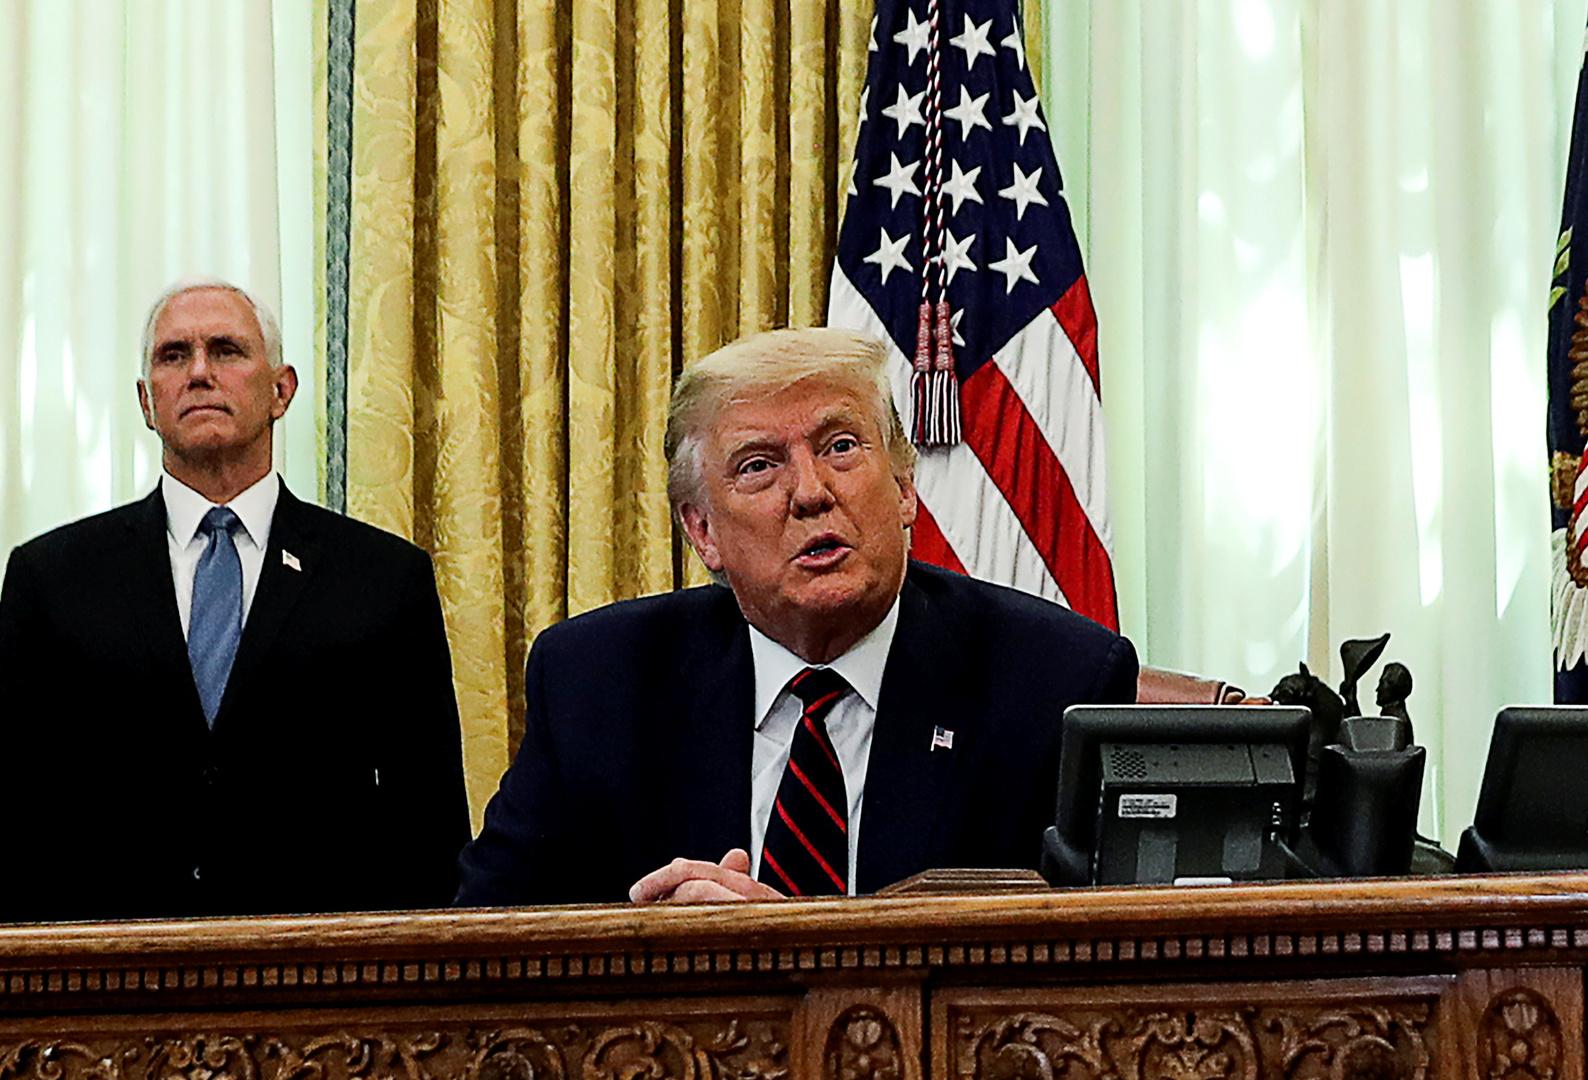 ترامب: دول عربية تسألنا متى سيأتي دورها لإعلان تطبيع العلاقات مع إسرائيل